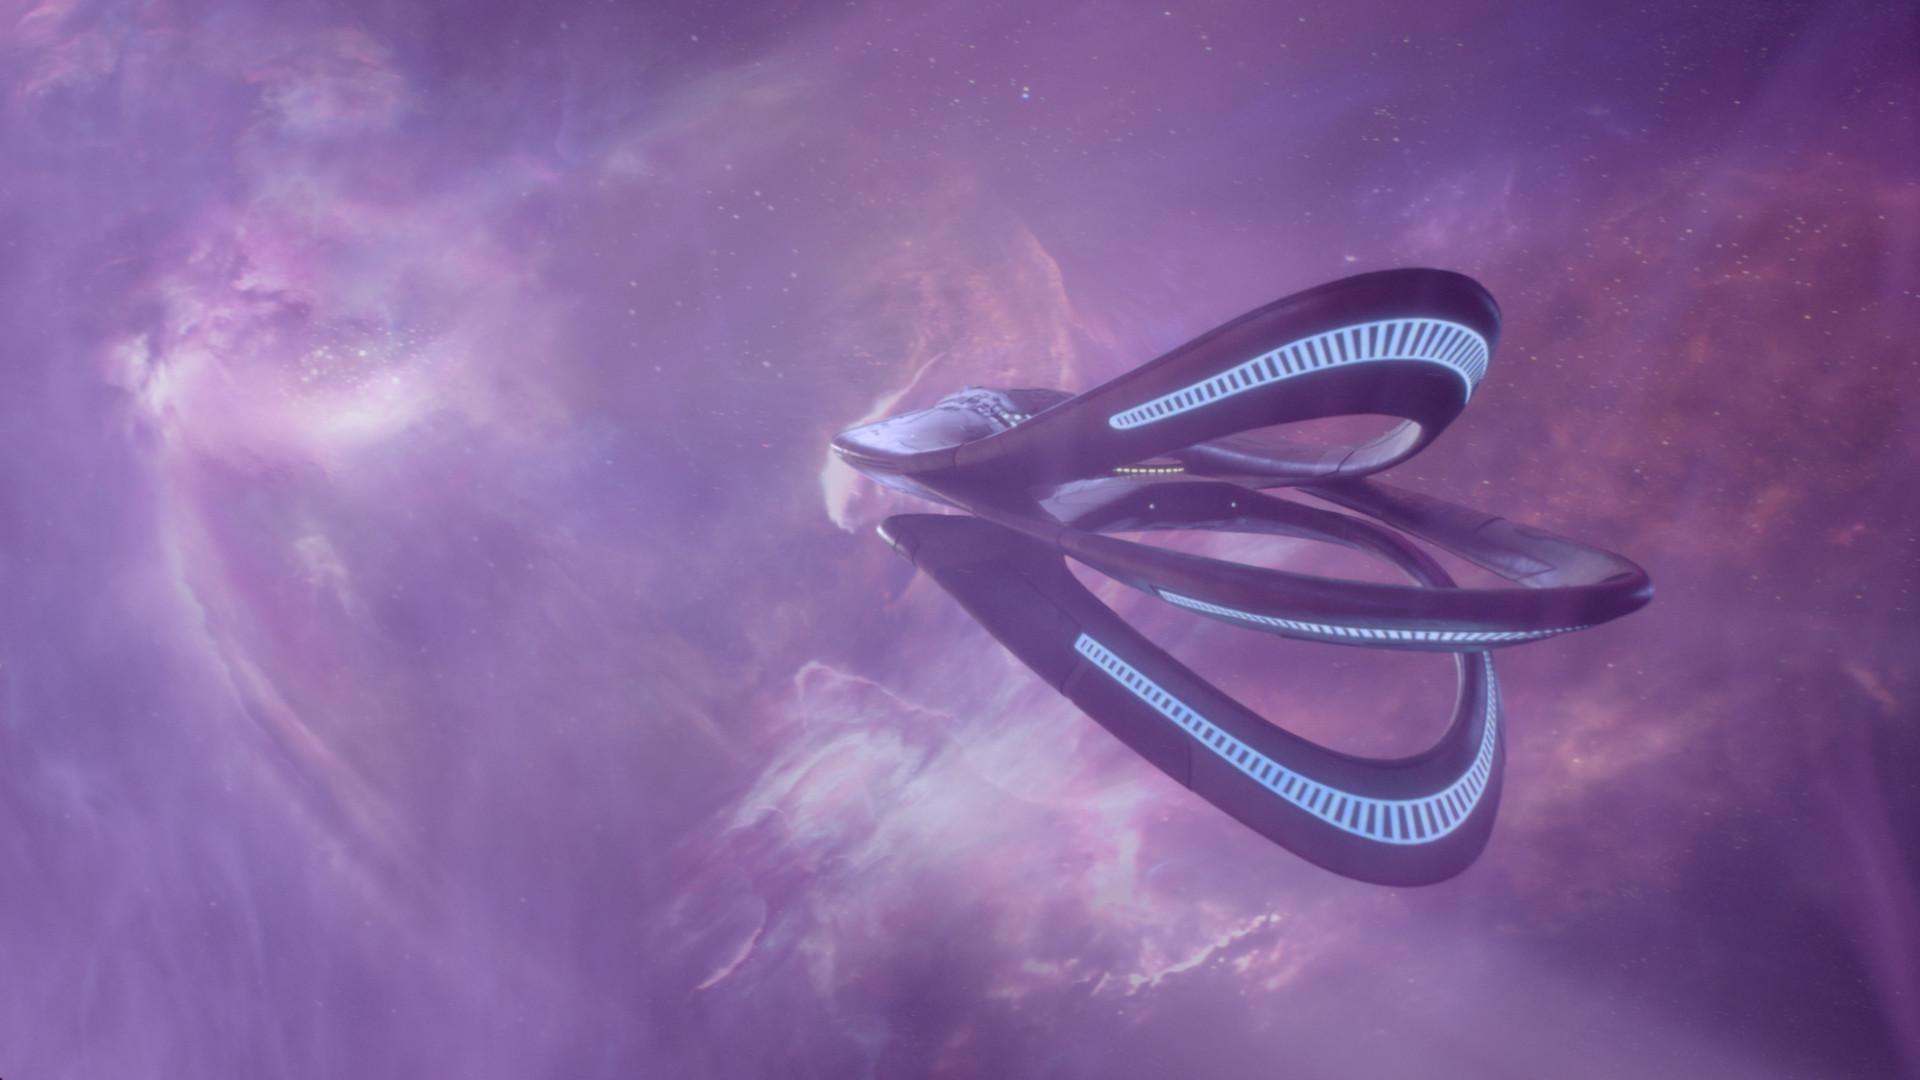 Josh judd orv nebula